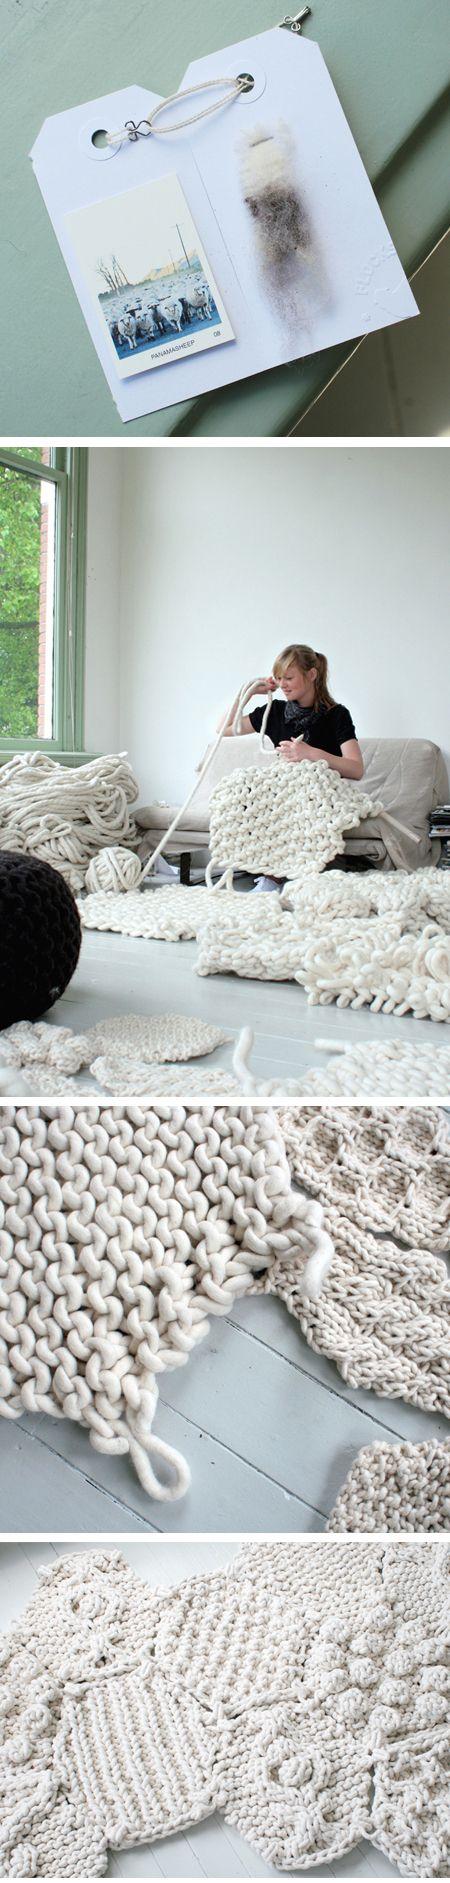 Giant Knitting @Maria Ordinola